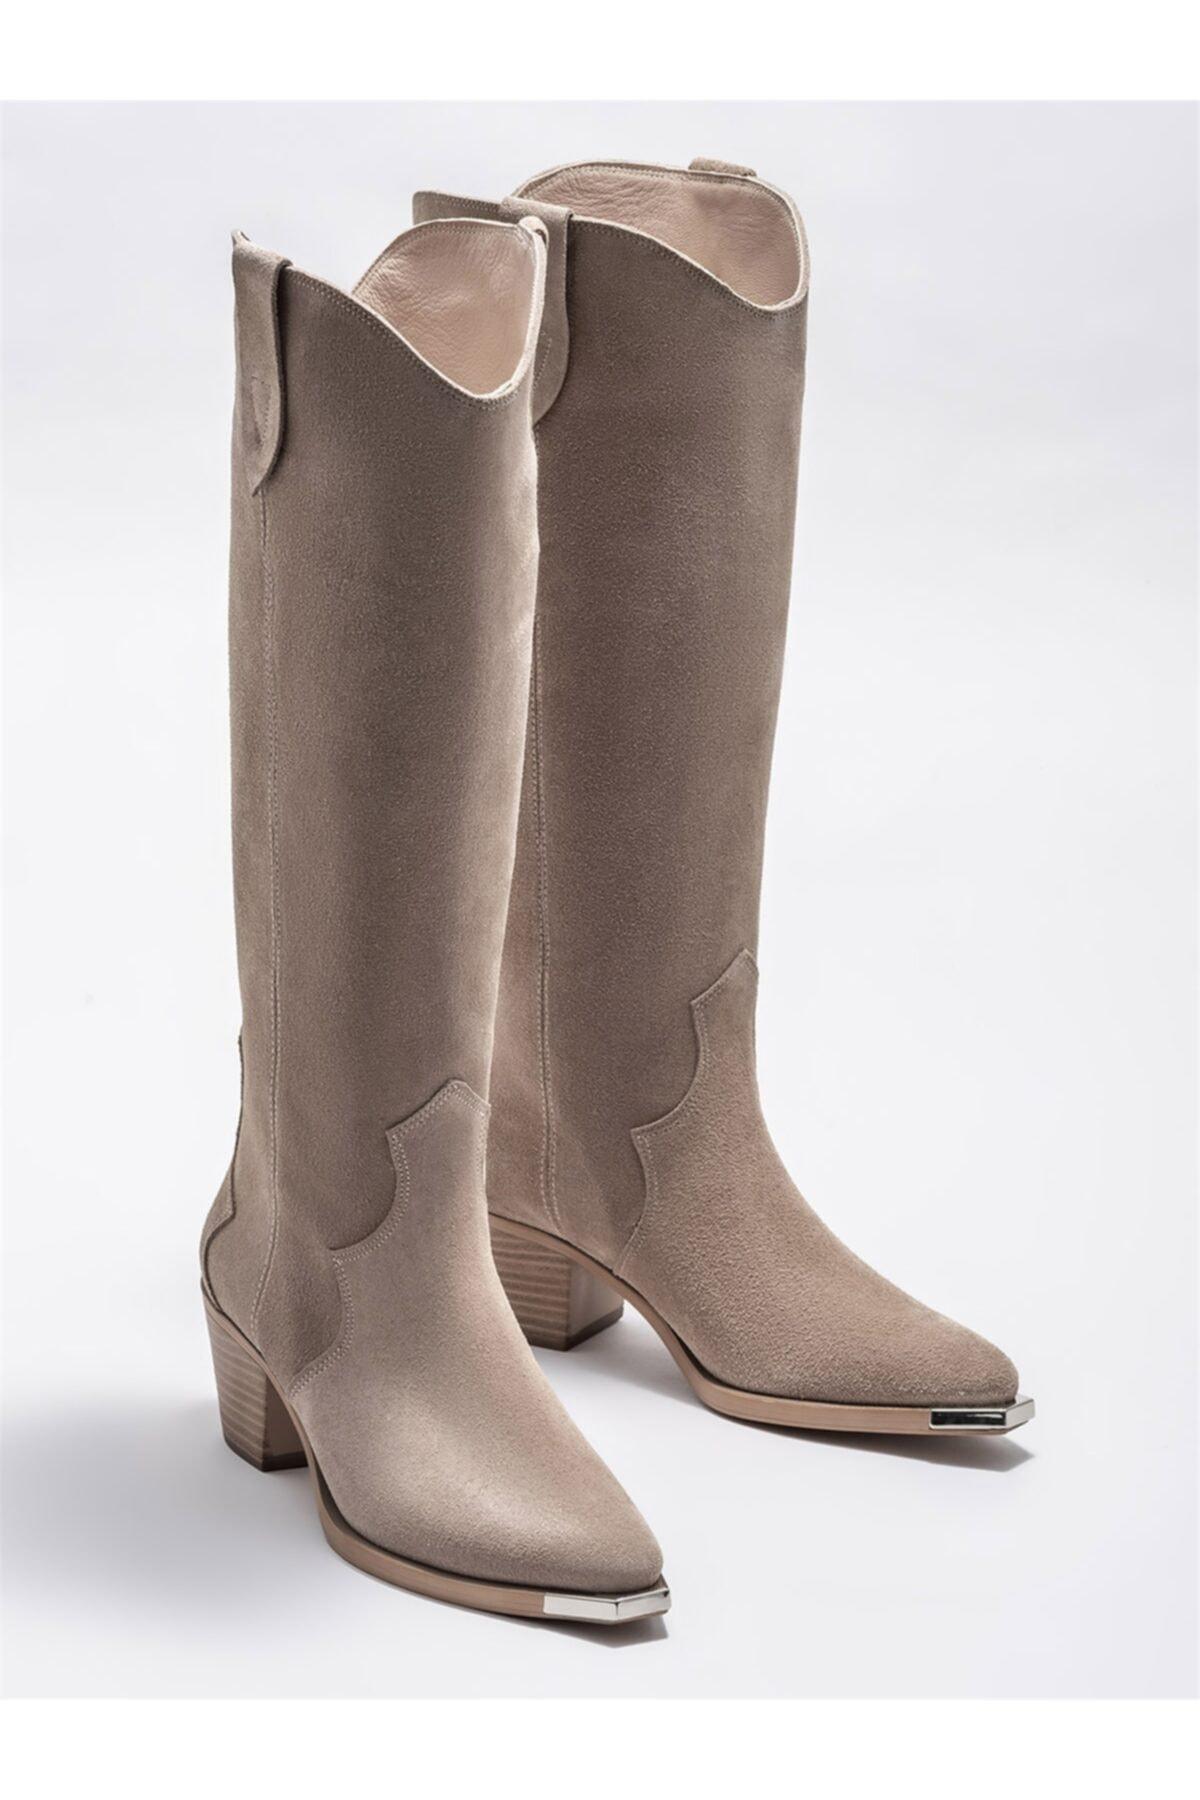 Elle Shoes Kadın Bej Günlük Çizme 2